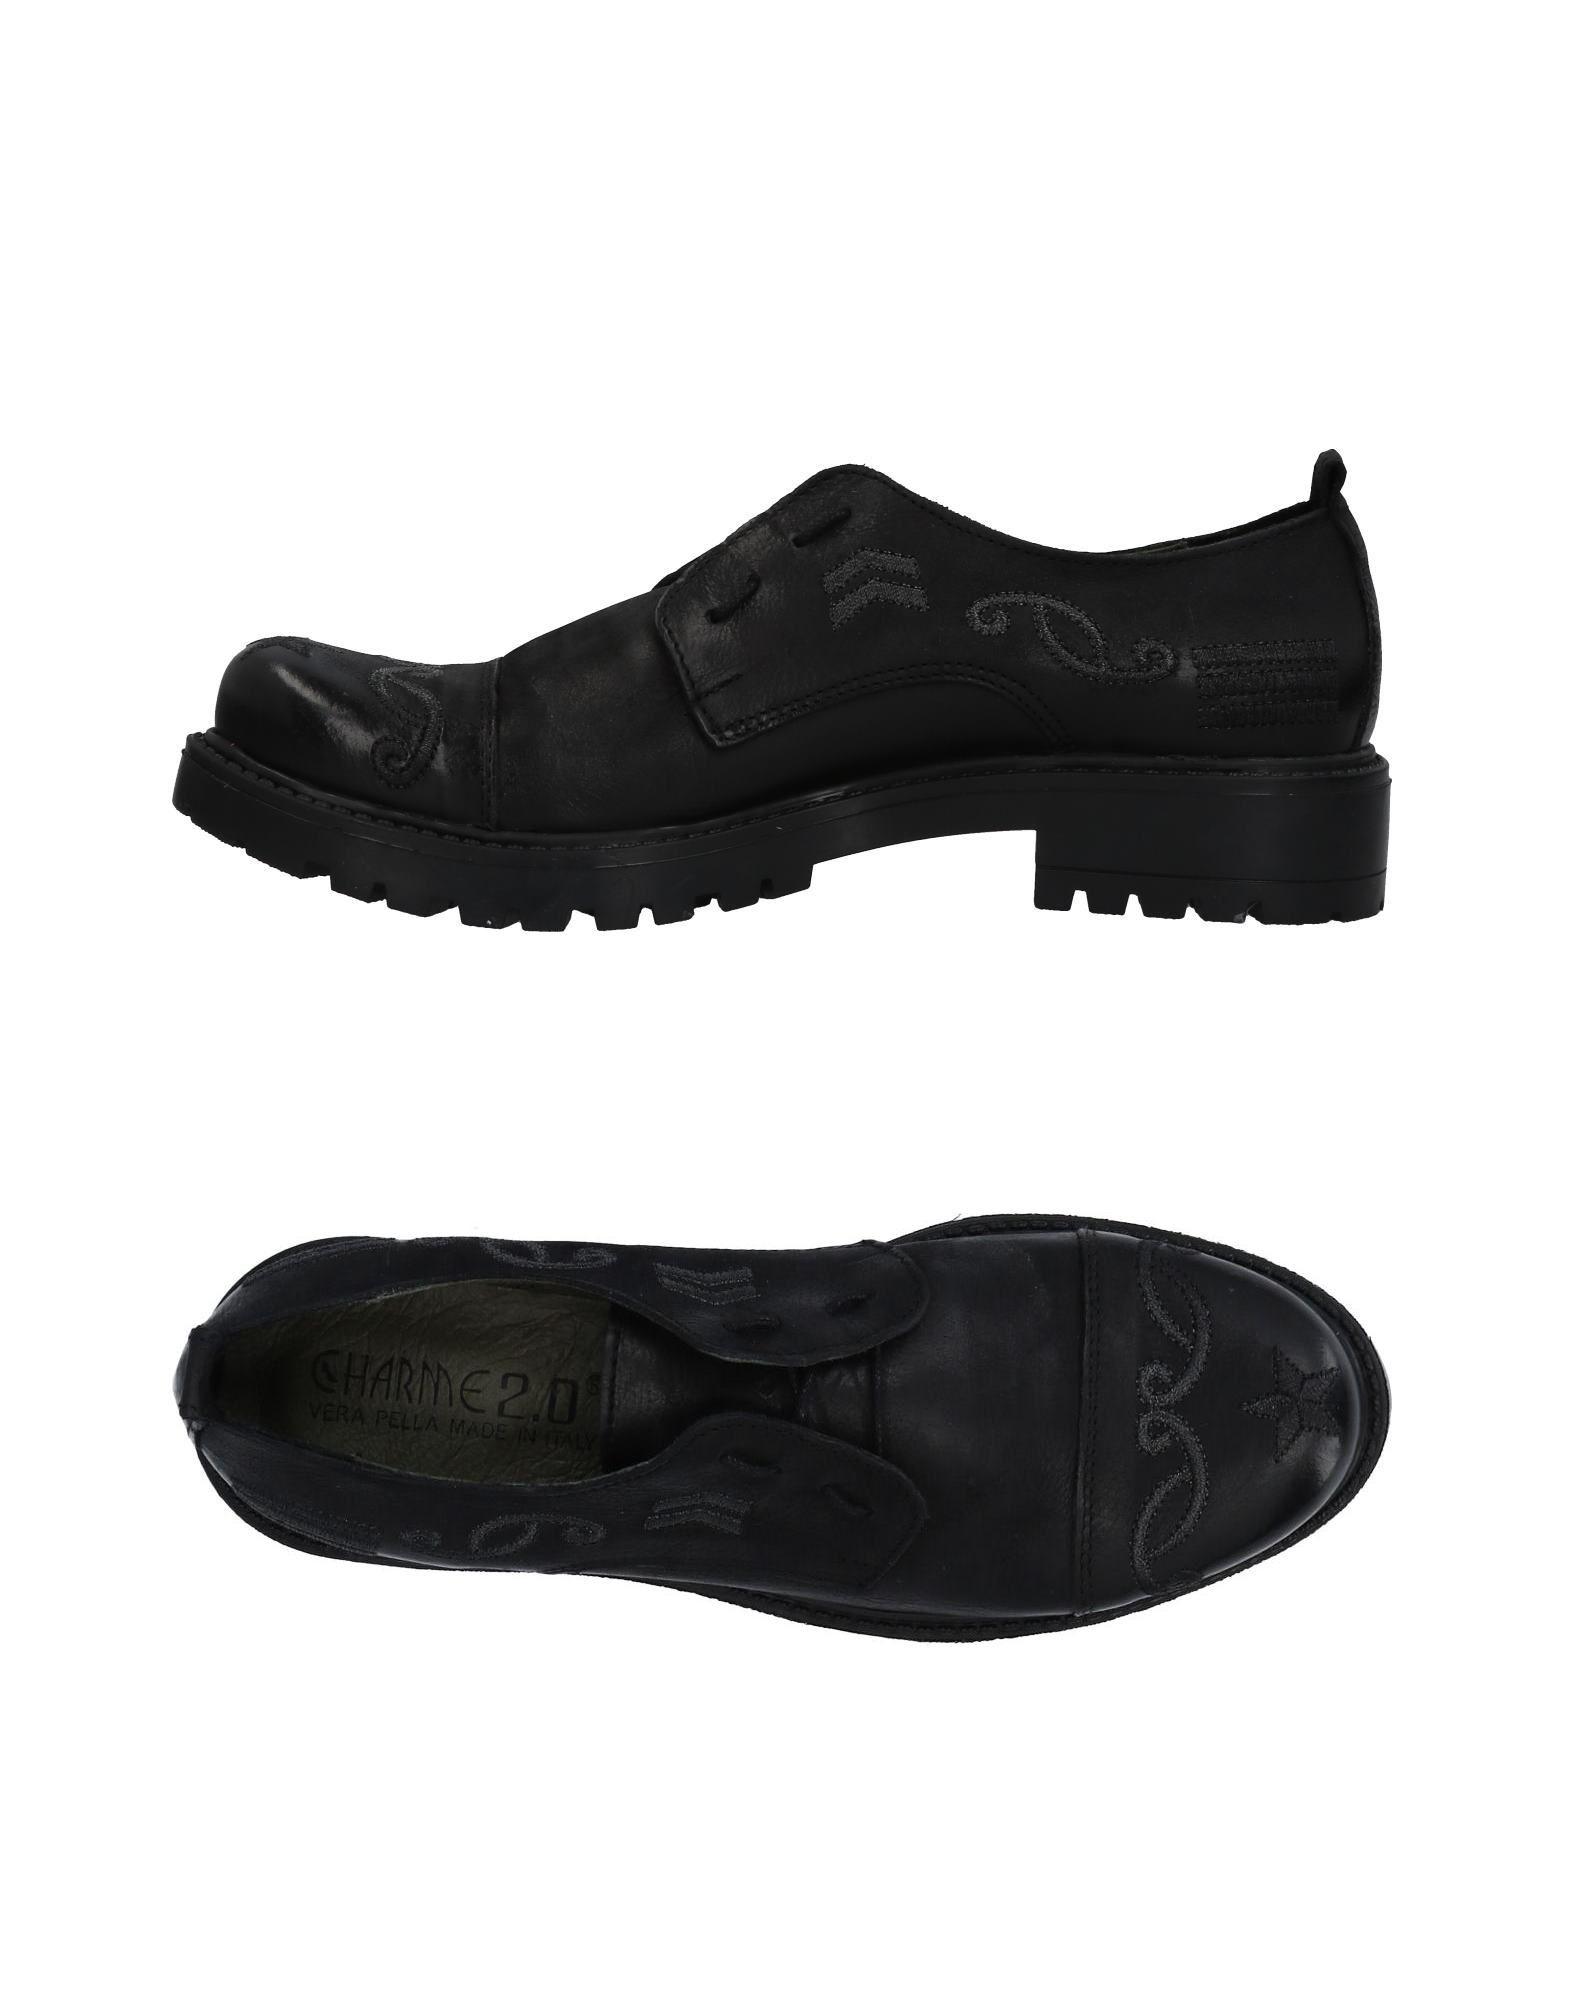 Negro Zapato De De De Cordones Charme Mujer - Zapatos De Cordones Charme Tiempo limitado especial 99b213